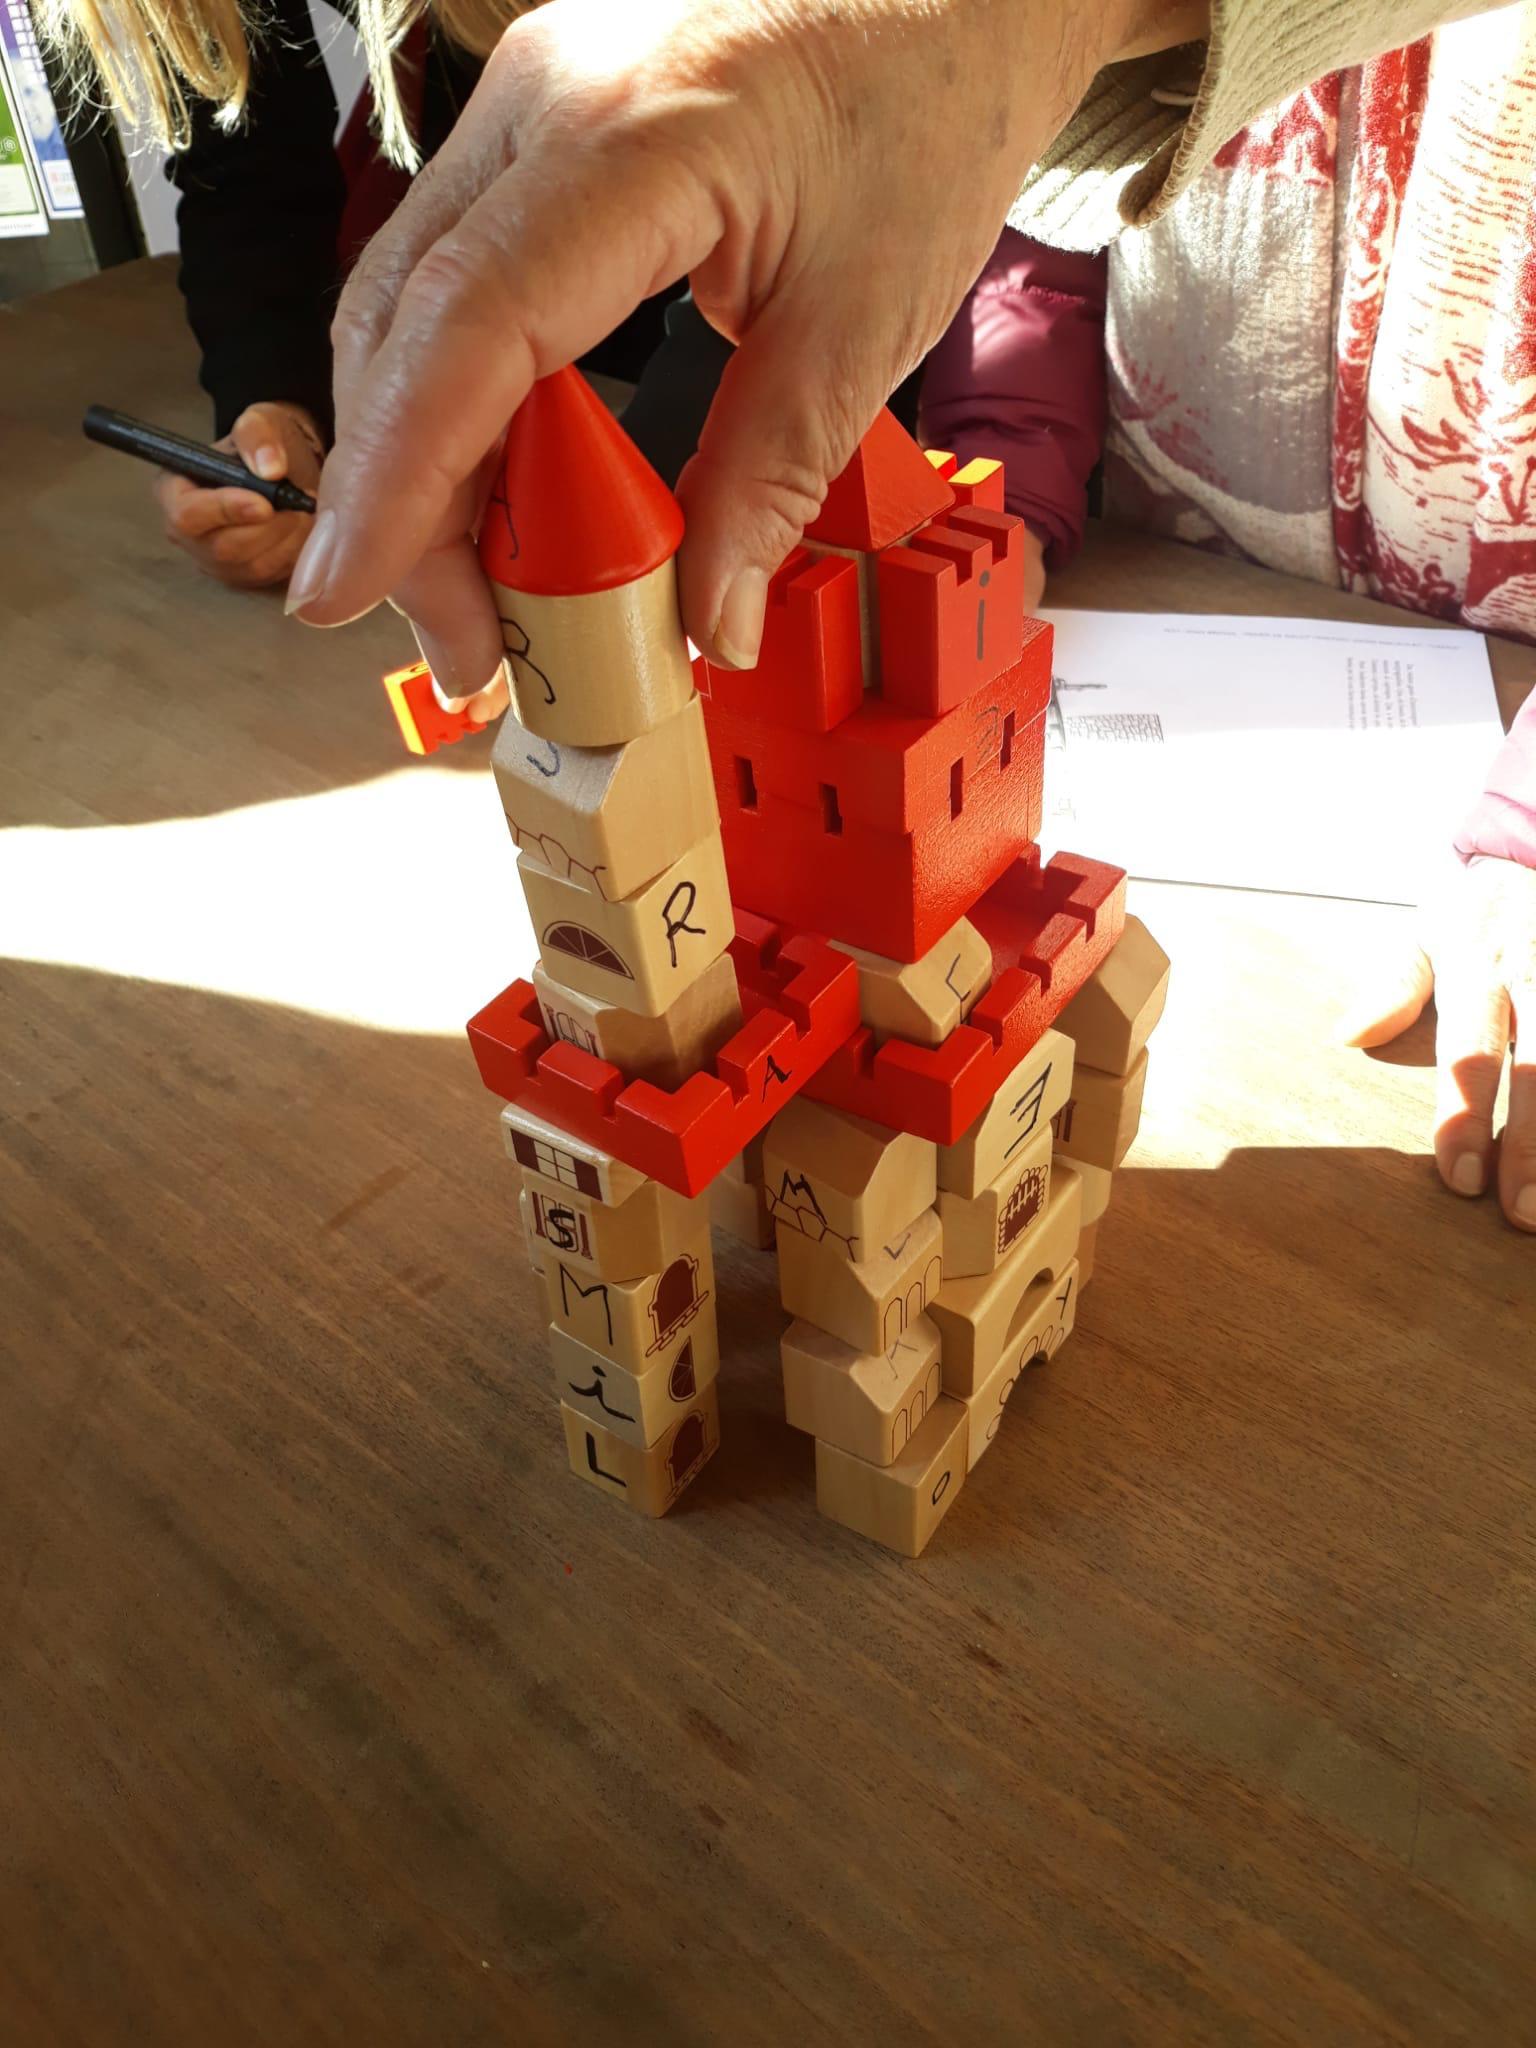 construir-com-escriure-4